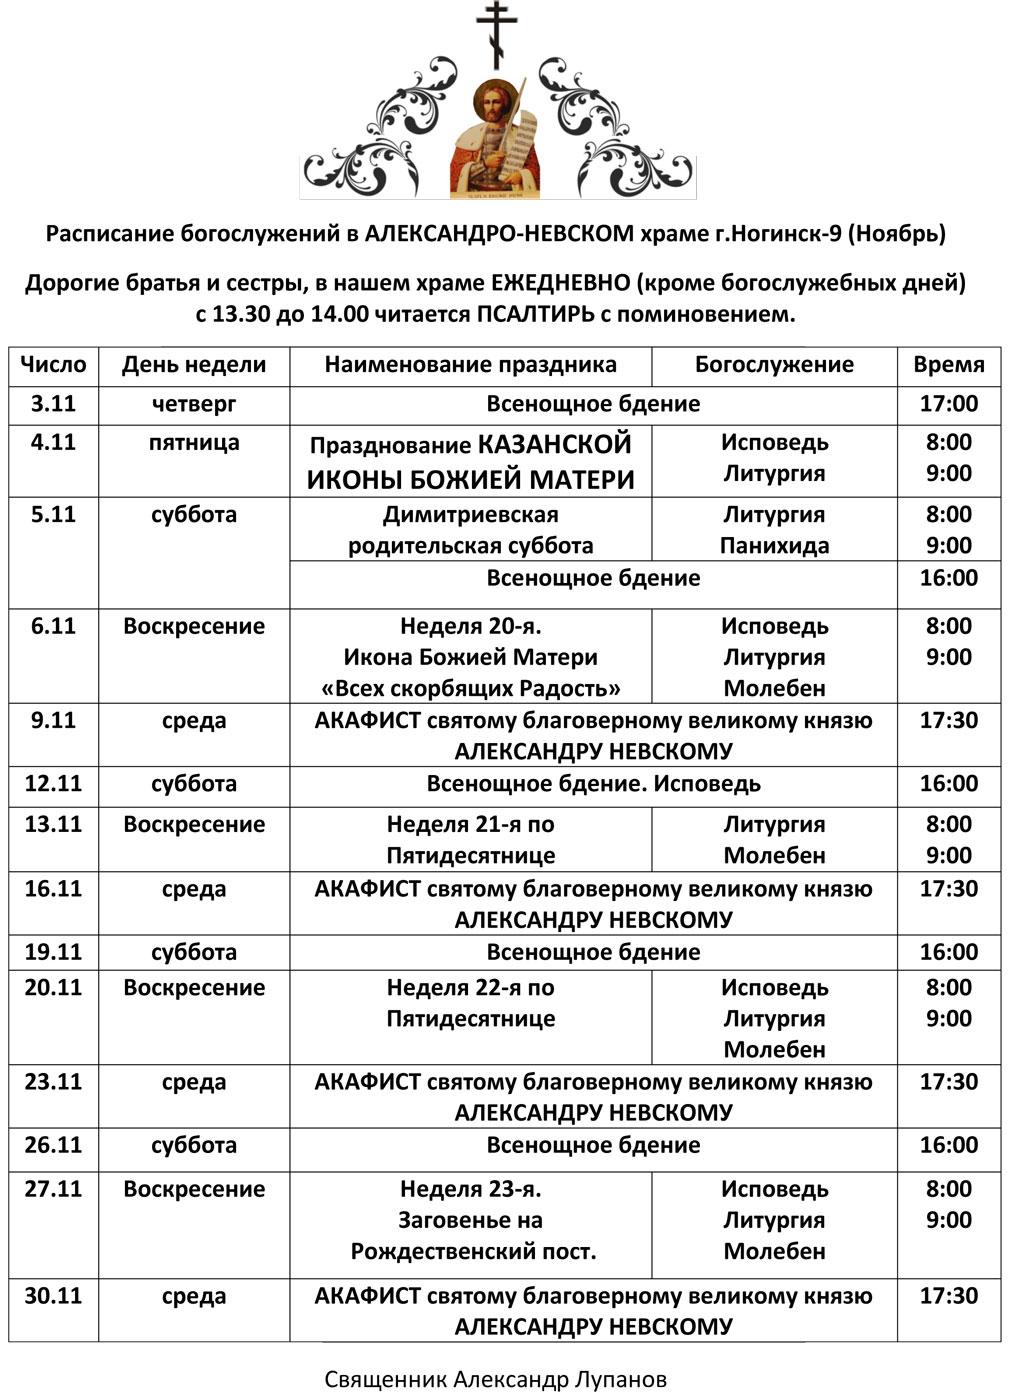 Для размещения информации на сайте вы можете обратиться в службу поддержки по эл.почте marieltour12@m-optima.ru вы здесь.